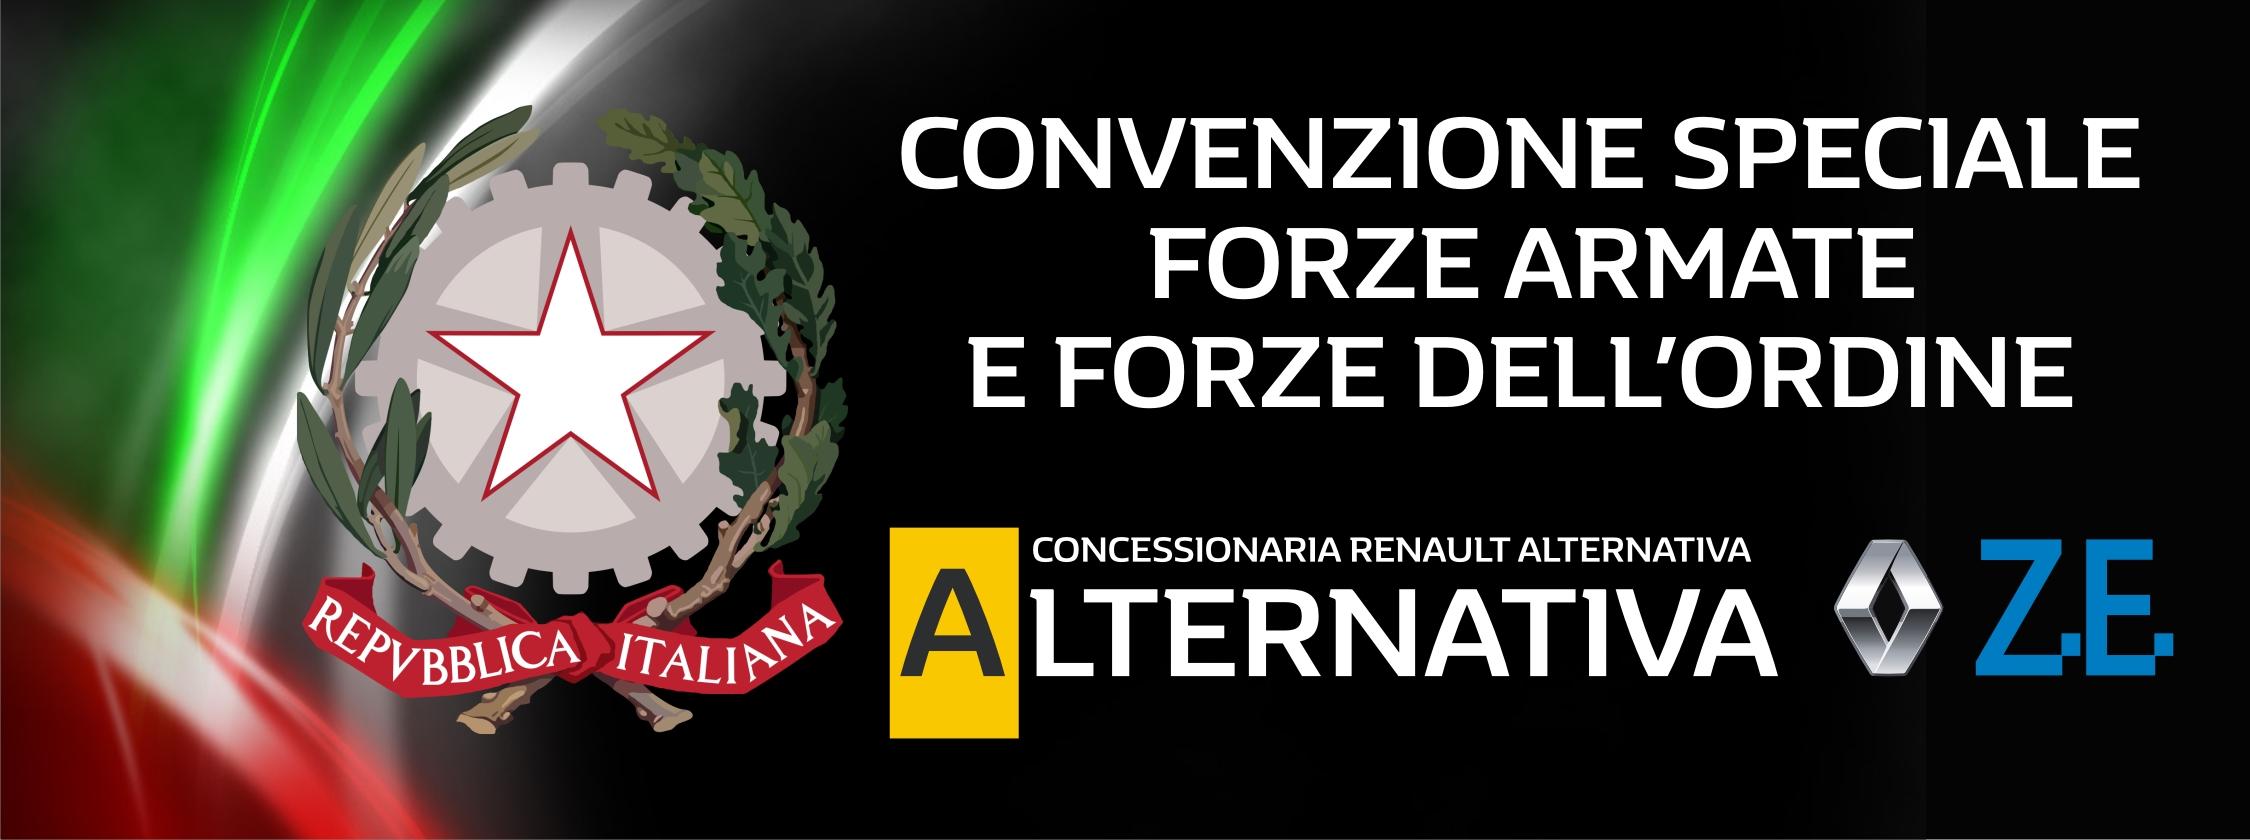 Convenzione Forze armate e Forze dell'ordine